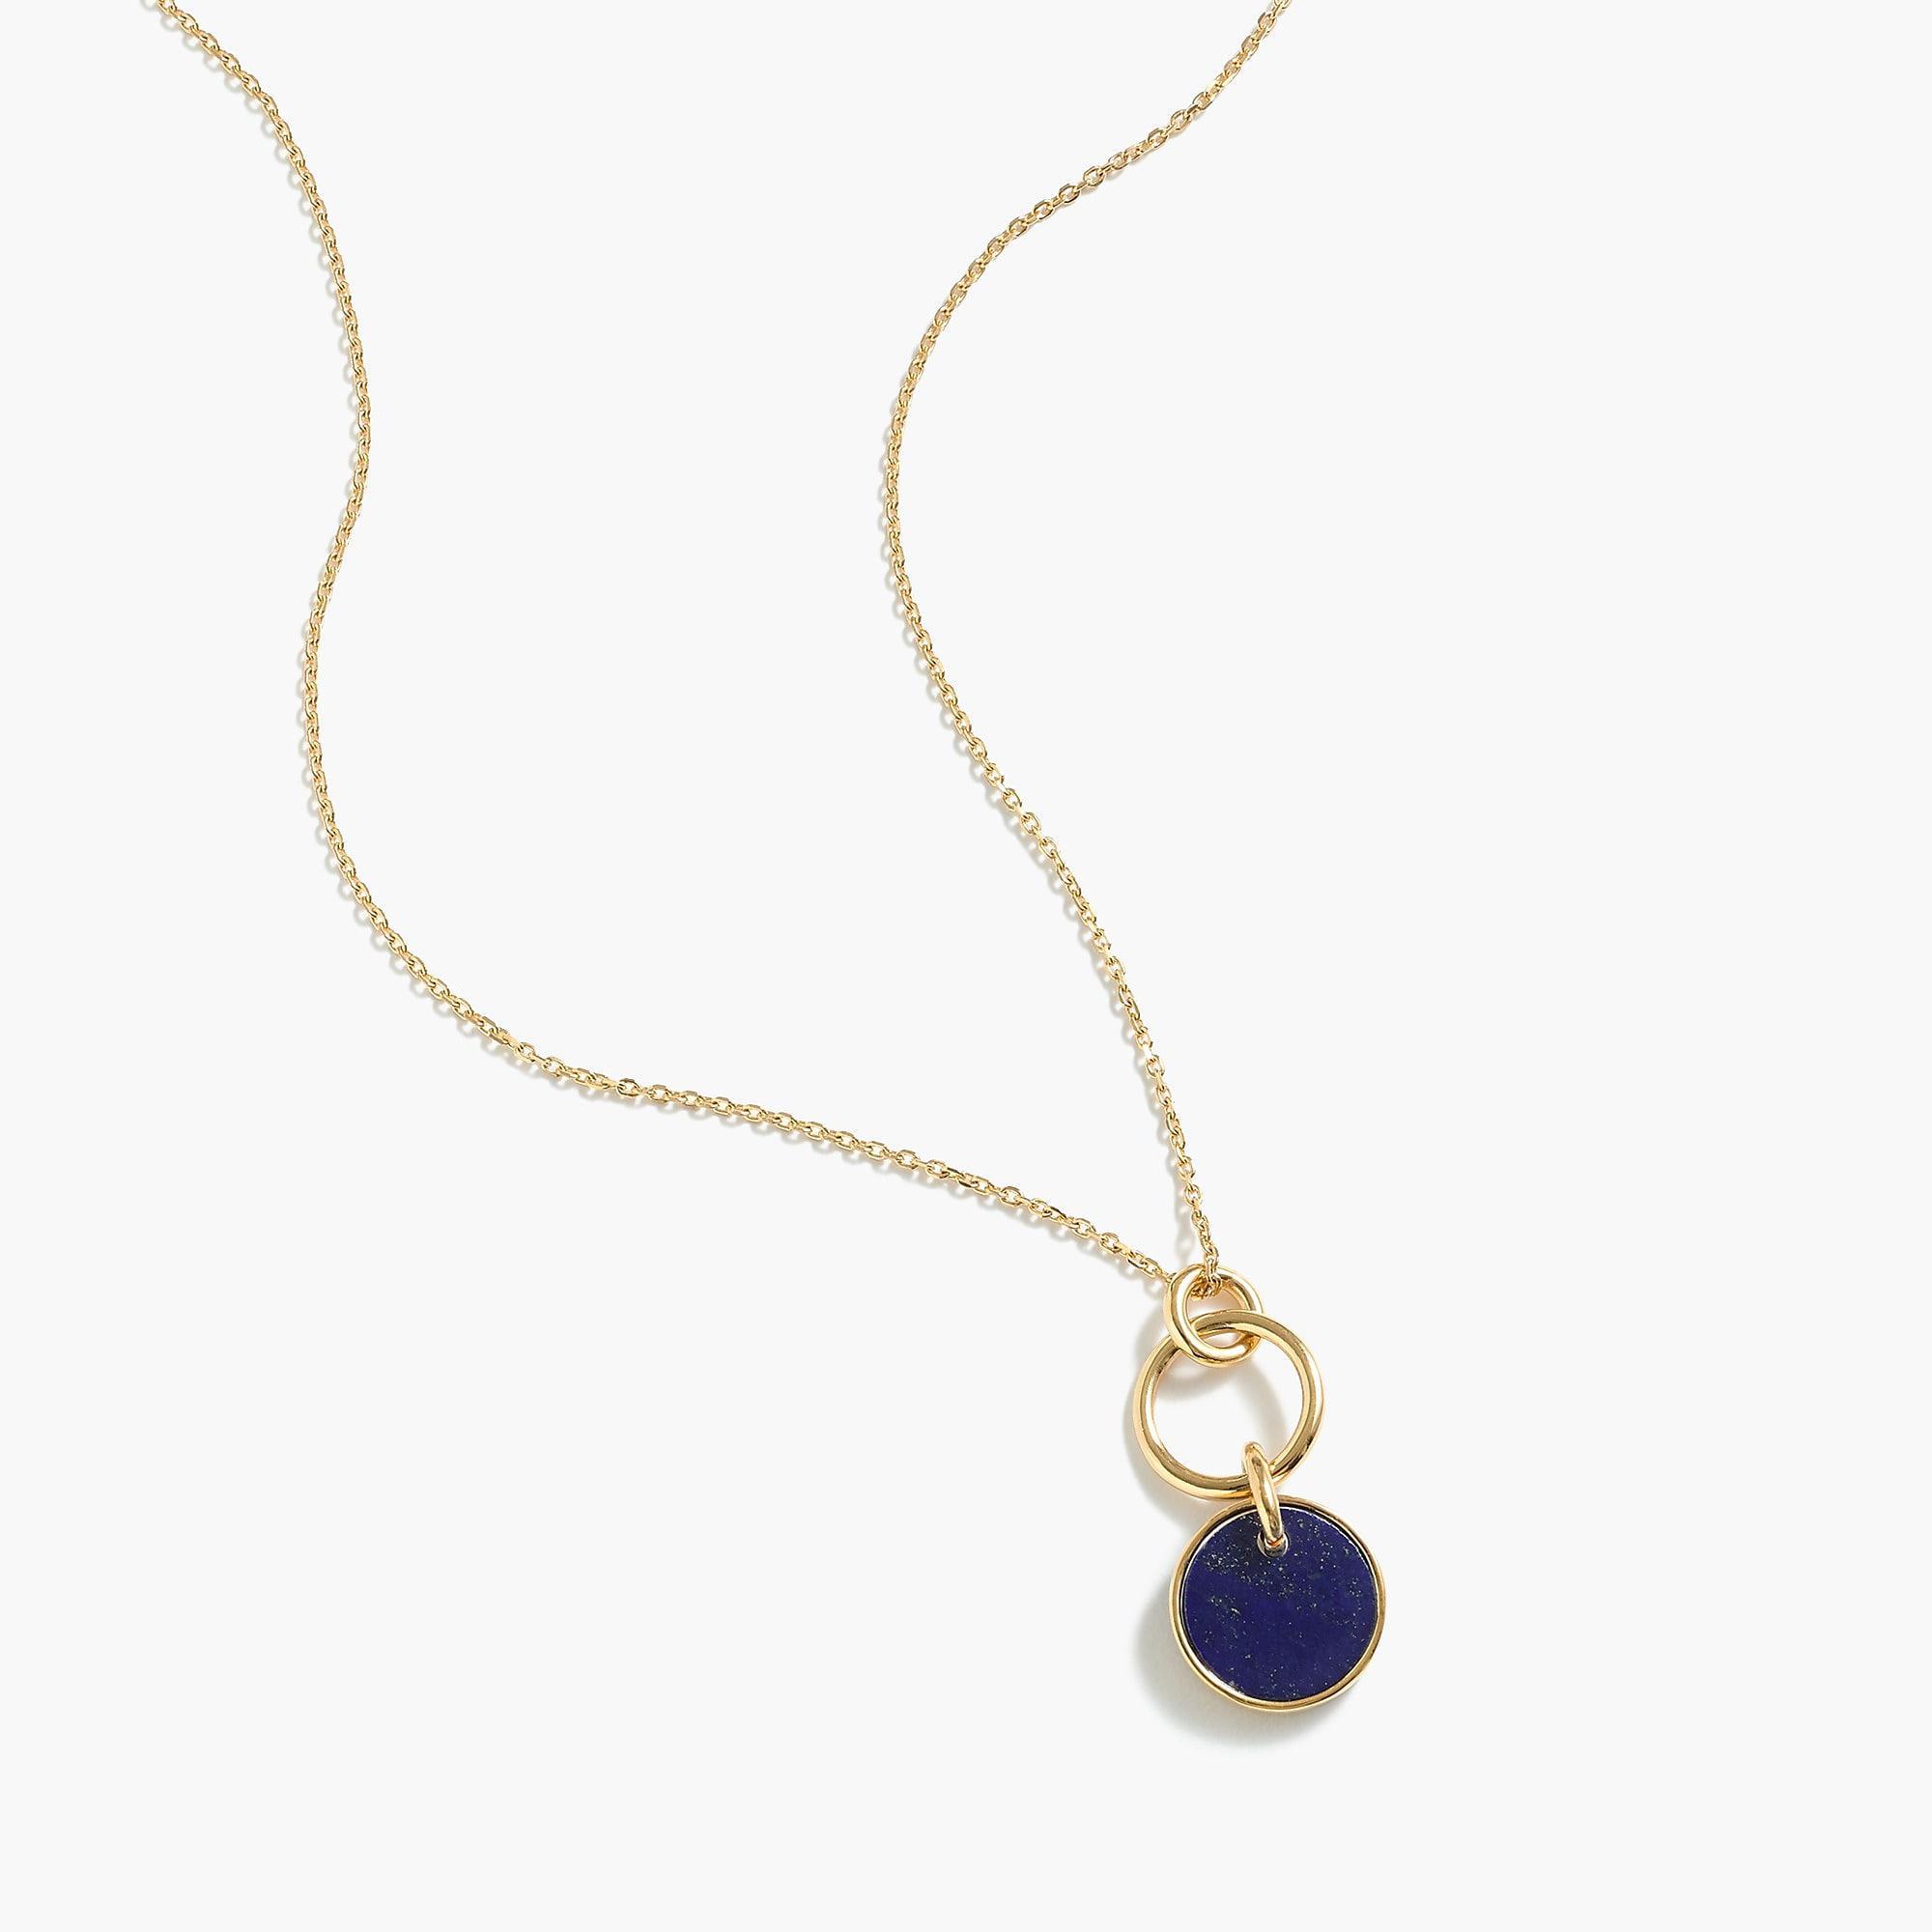 60e9fea704e J.Crew Demi-fine 14k Gold-plated Turquoise Pendant Necklace in ...